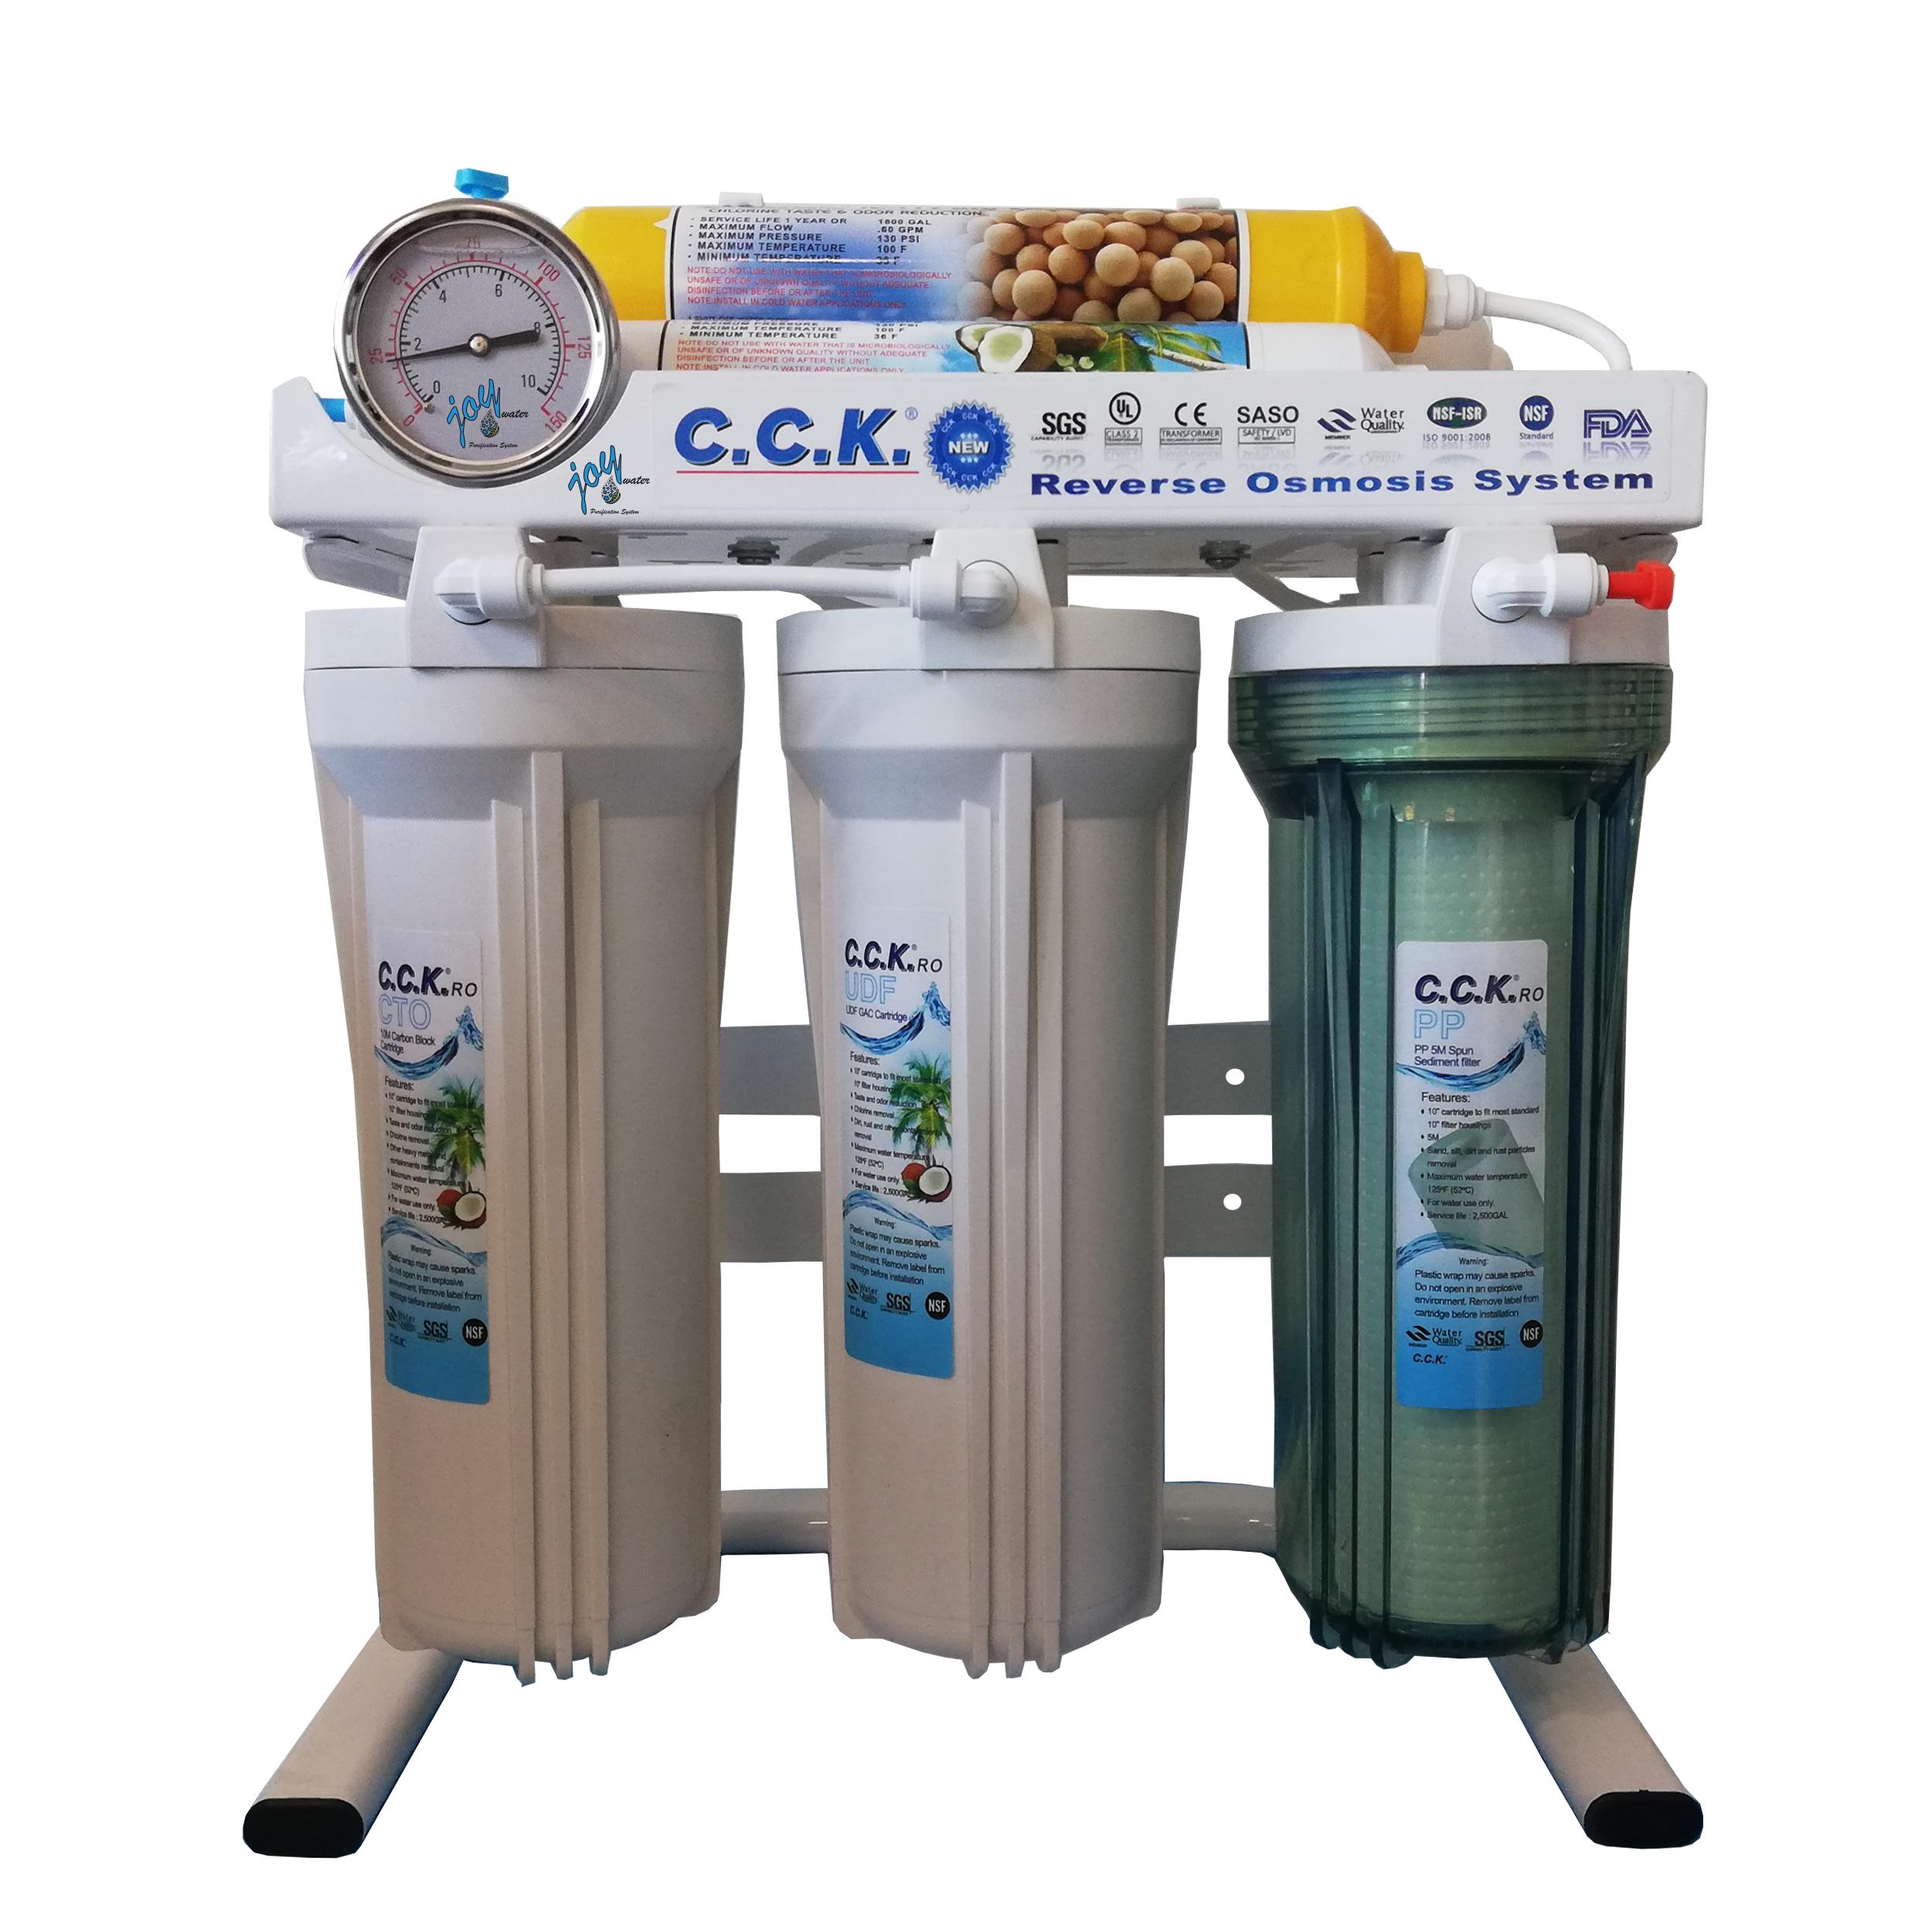 دستگاه تصفیه کننده آب سی سی کا مدل  N-E MAX